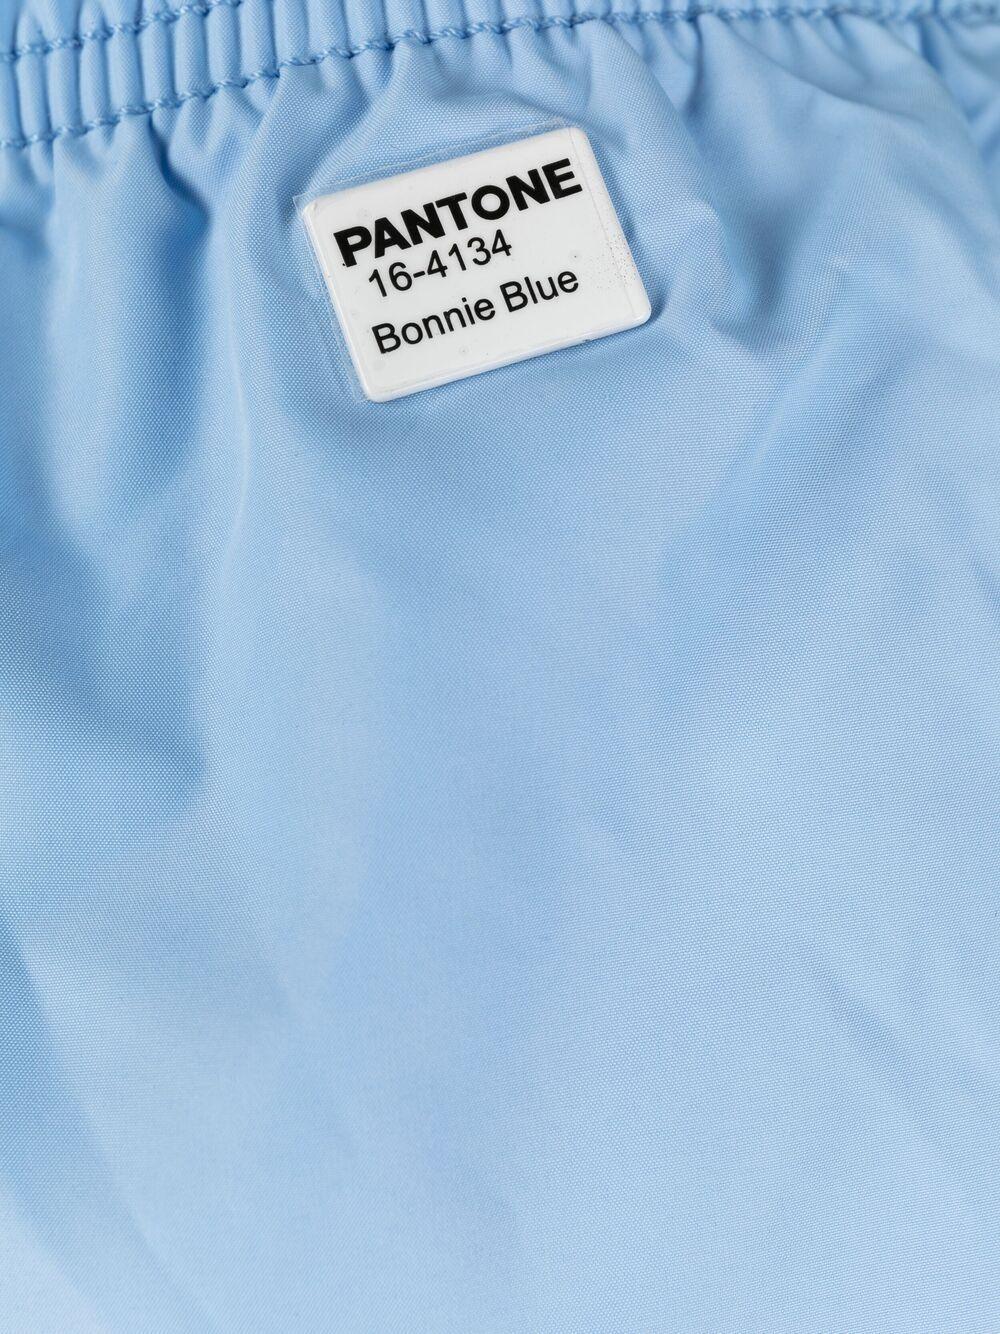 Pantaloncini da bagno azzurri in poliestere riciclato MC2  x Pantone MC2   Costumi   LIGHTING PANTONE30